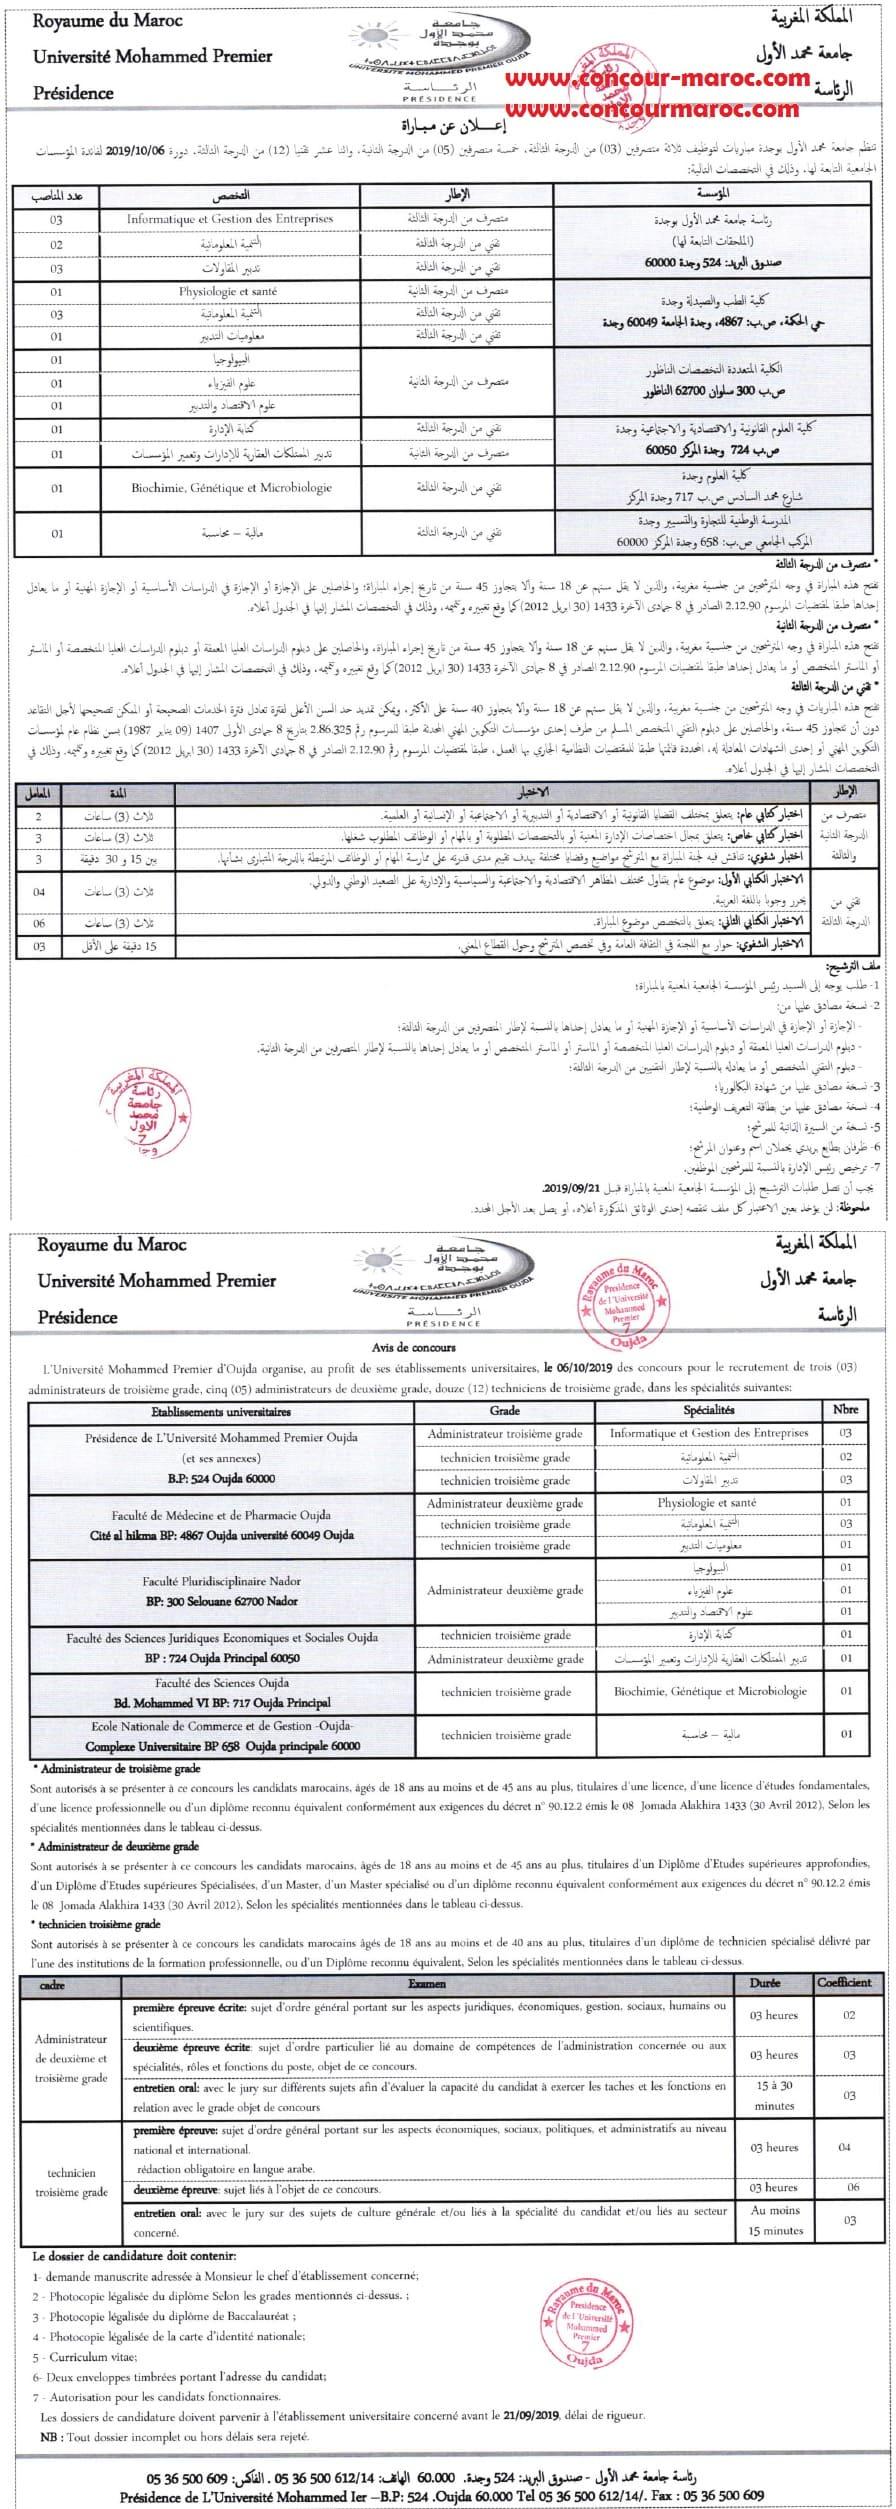 جامعة محمد الأول - وجدة : مبارة توظيف 5 اطر عليا و 3 اطر مجازة و12 تقني متخصص اخر اجل 21 شتنبر 2019 Yao_ay13